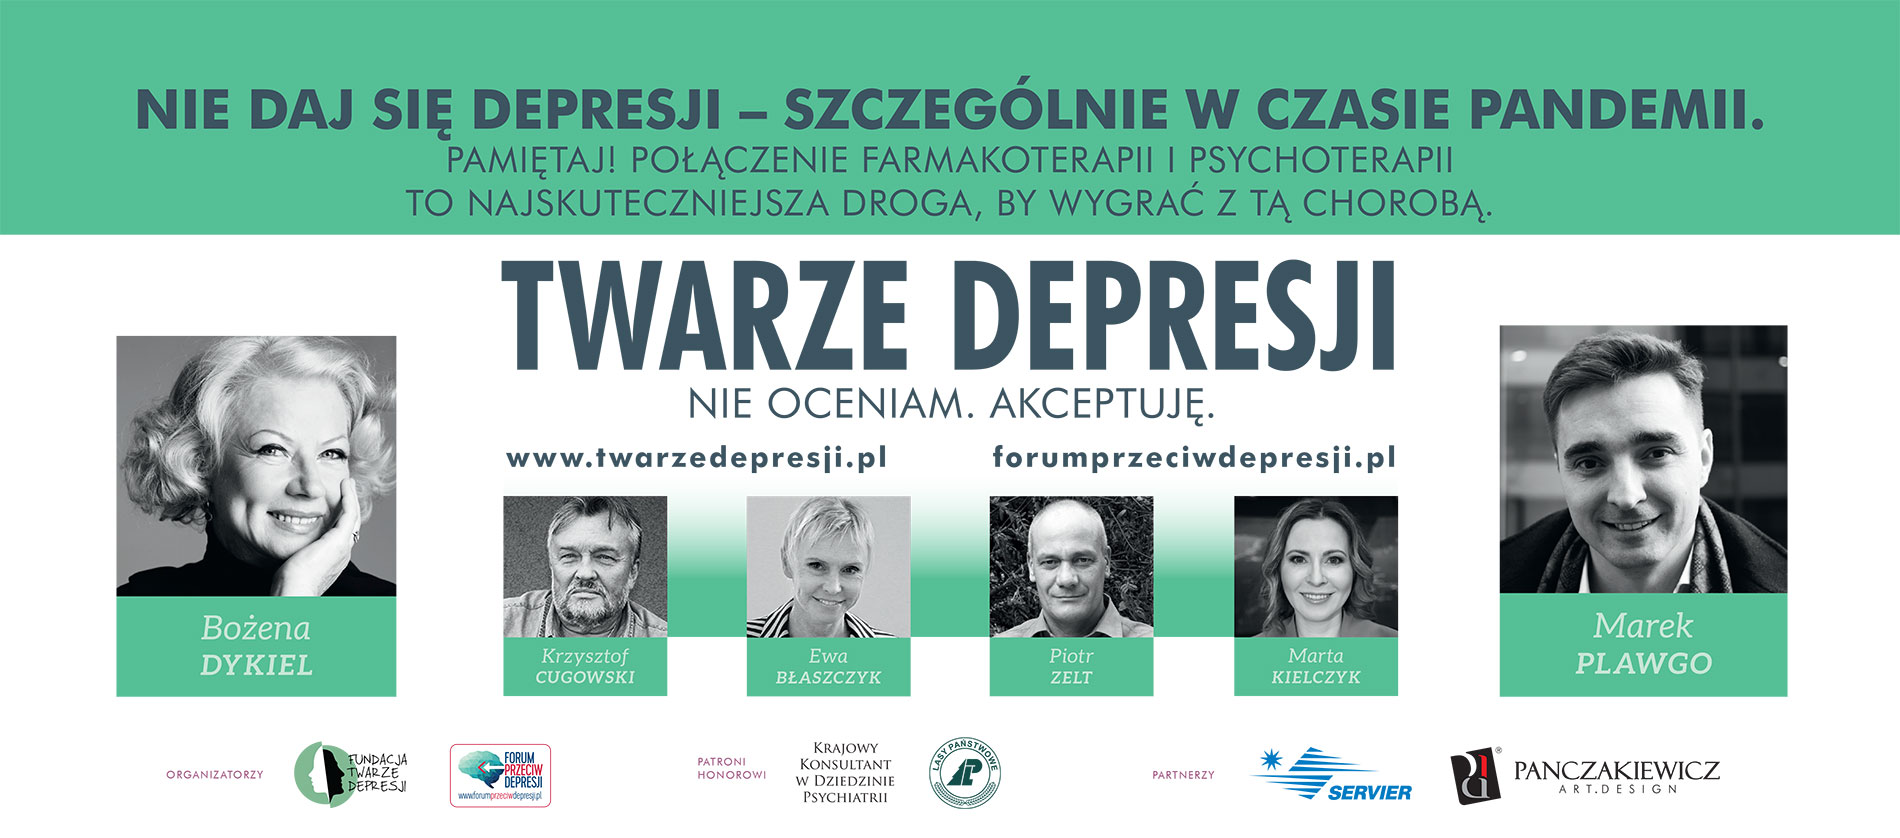 Plakaty 11 Edycja Twarze depresji – pobierz, wydrukuj, pokaż w swojej okolicy!